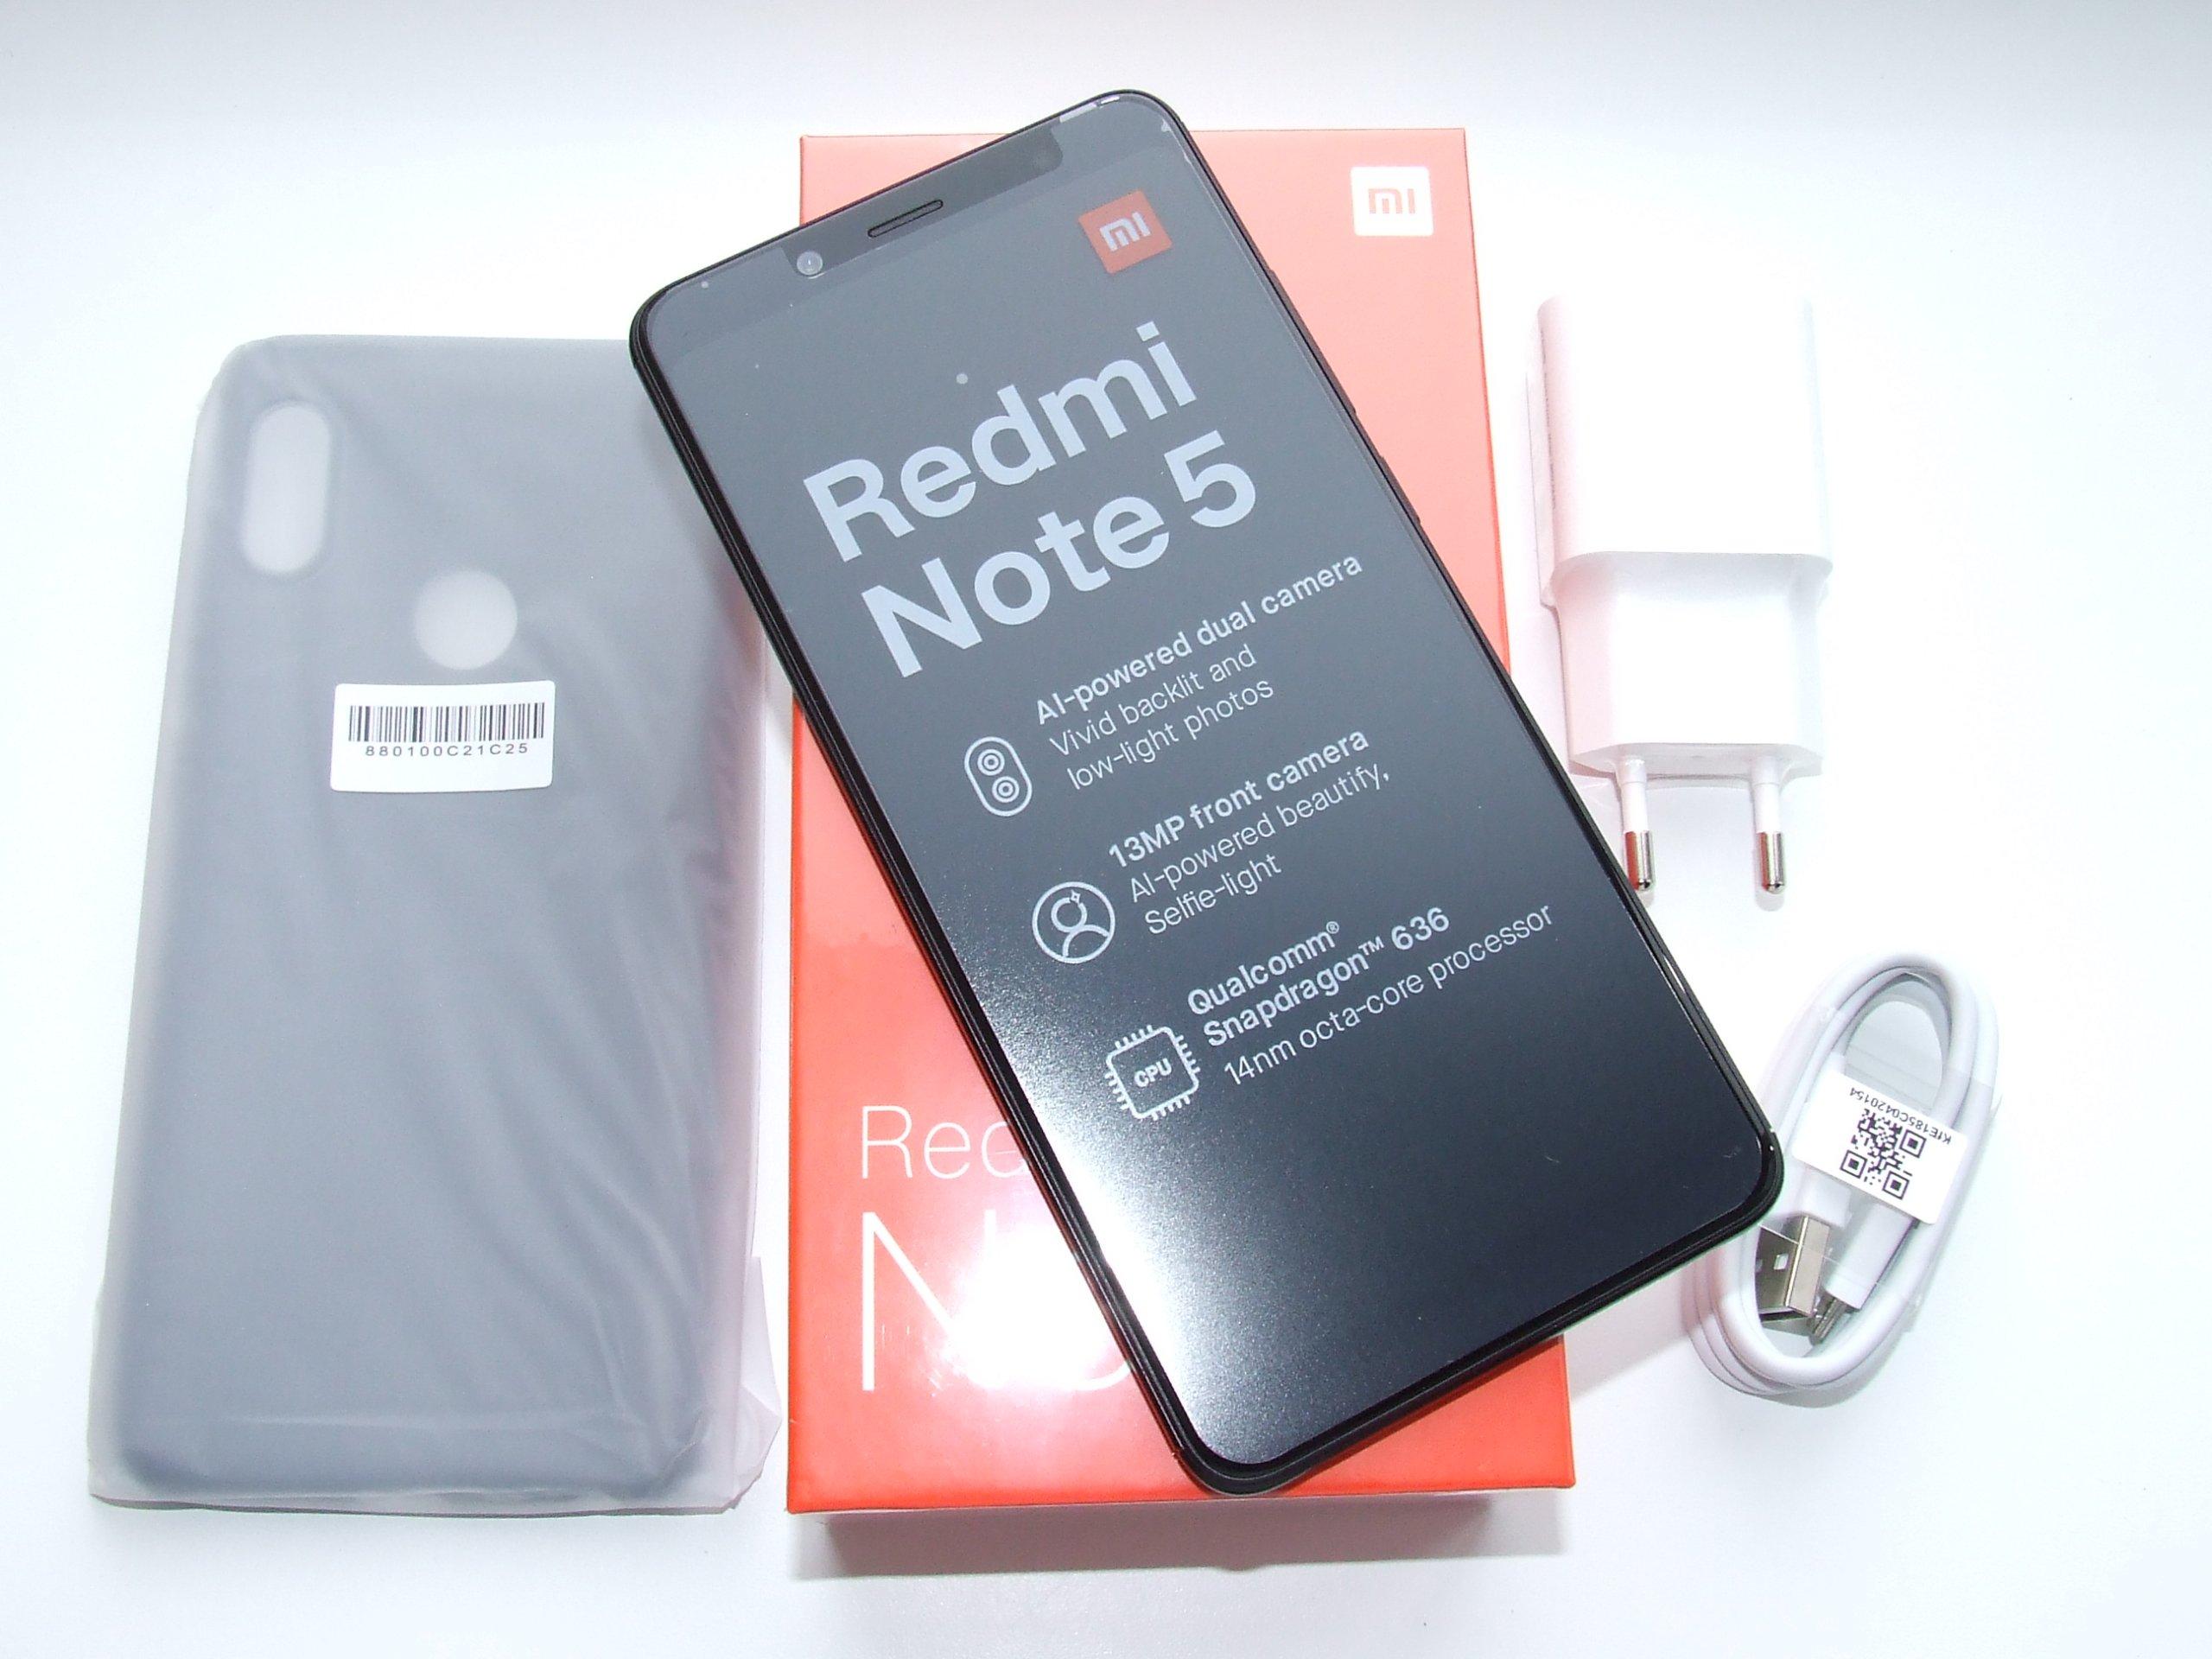 Xiaomi Redmi Note 5 4 64gb Black Eu Nowy 7418028382 Oficjalne